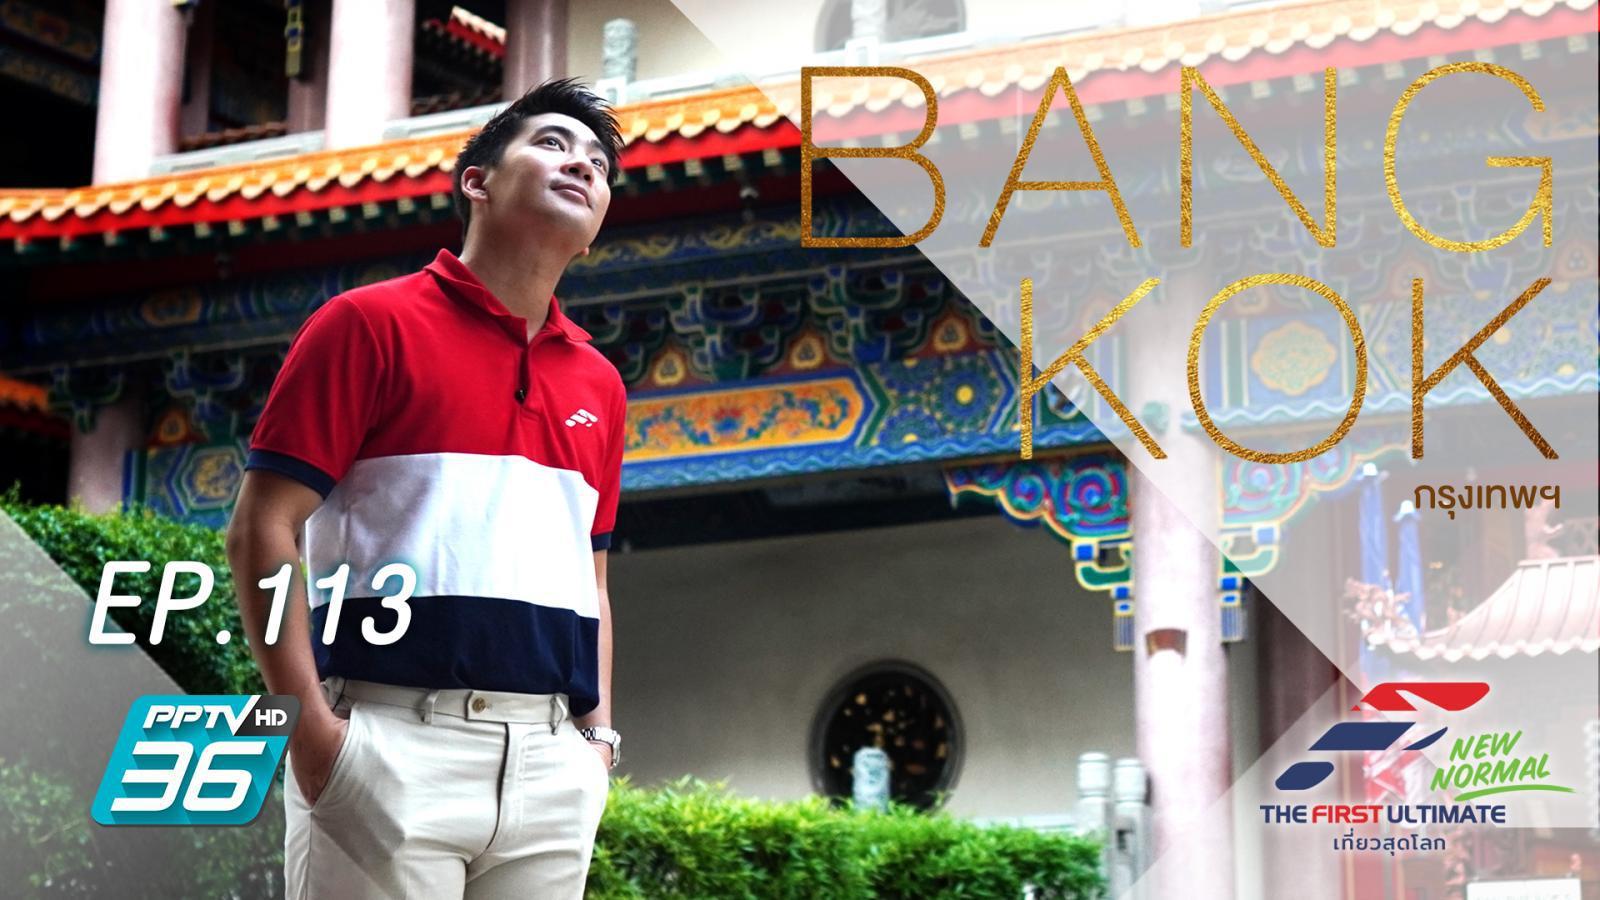 Bangkok, Thailand ( อิ่มบุญเทศกาลถือศีลกินเจกับน็อต )